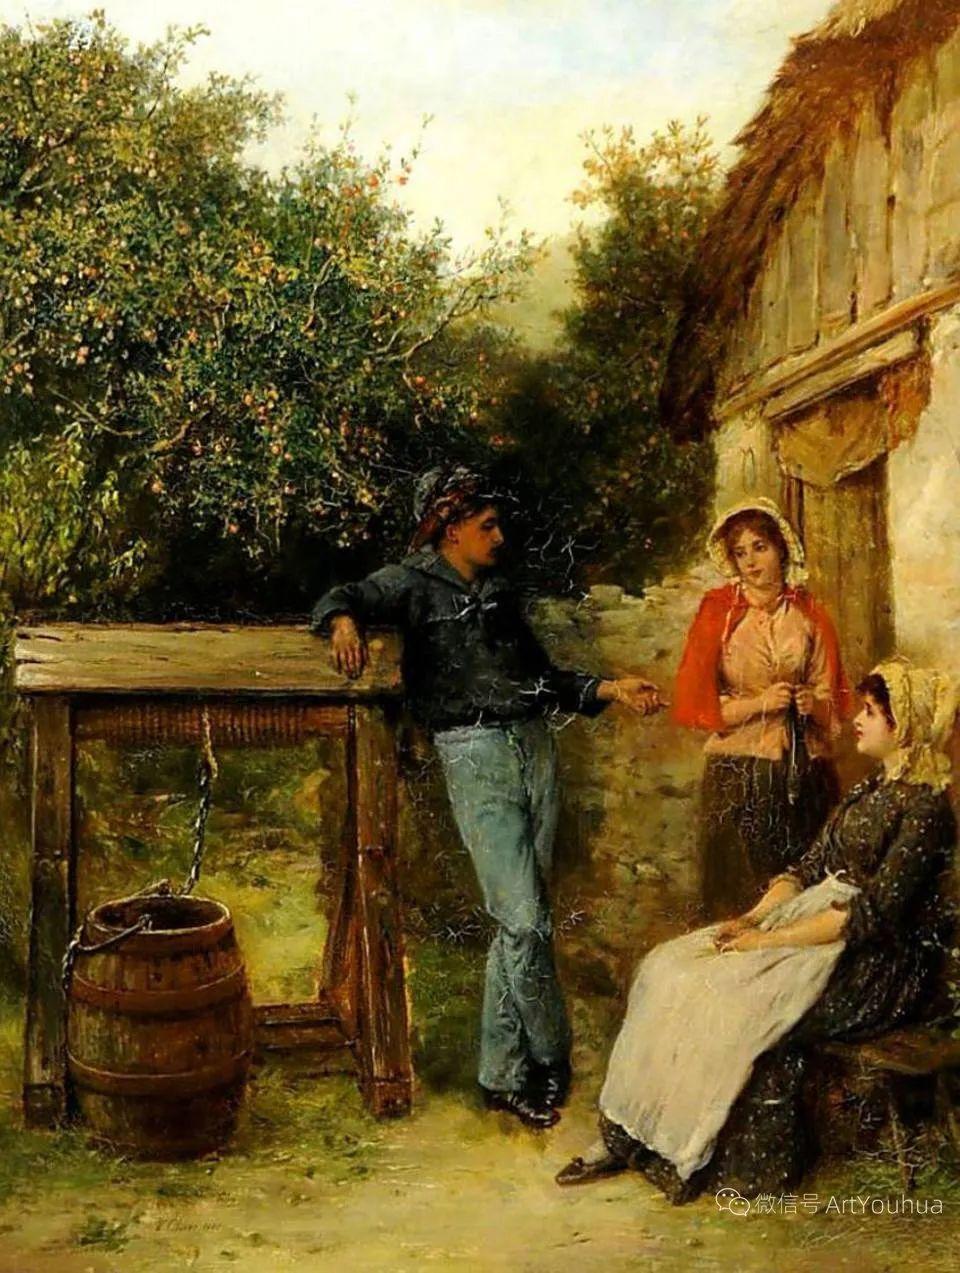 纯情与美丽,英国画家威廉·奥利弗作品选插图107